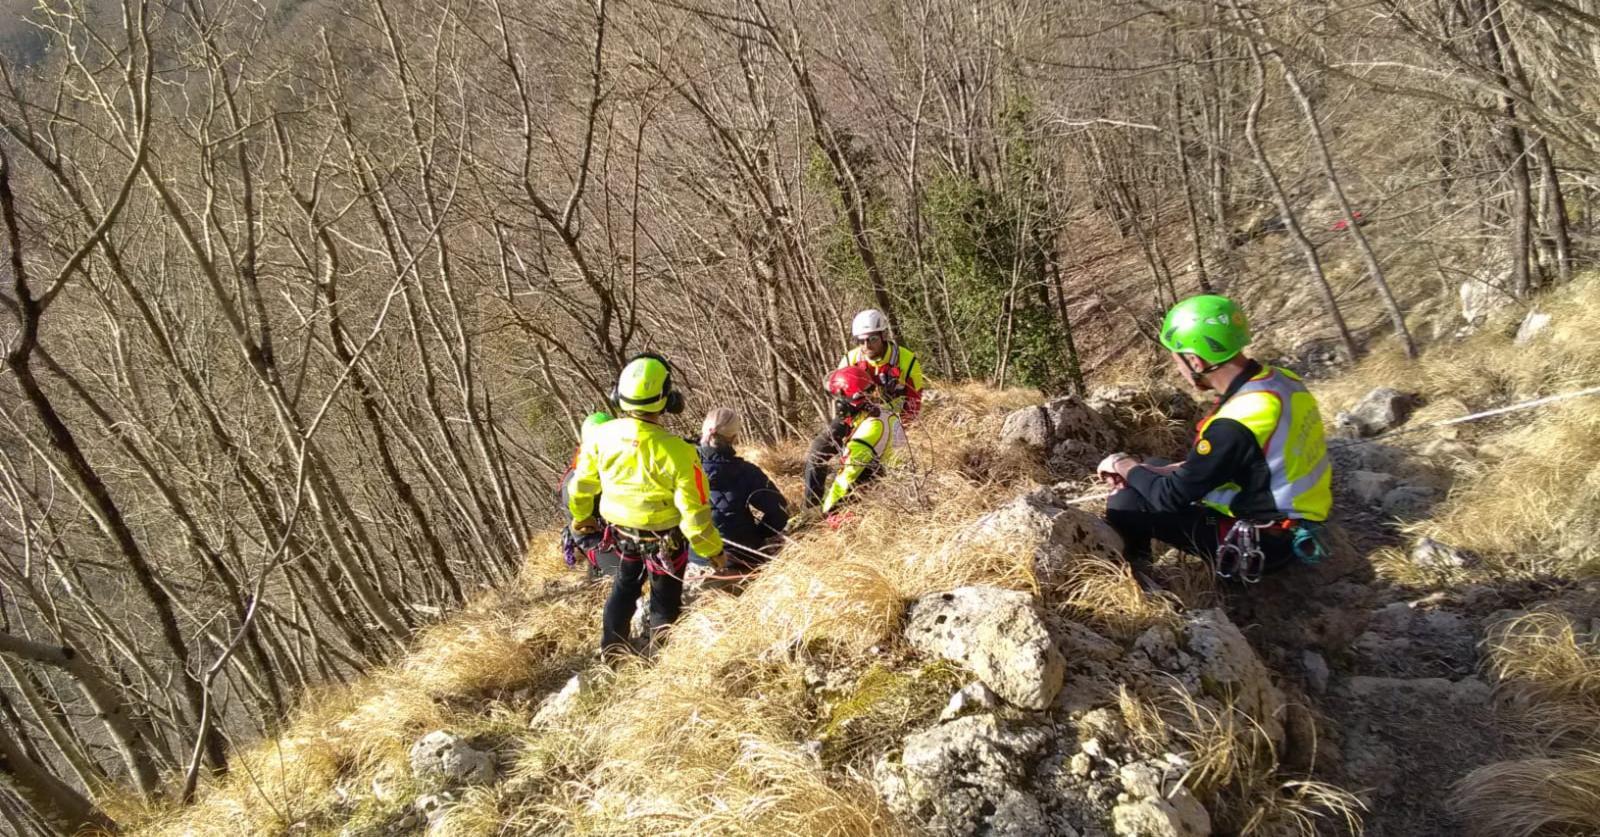 Tragico incidente sulle Apuane, intervenute le squadre del Soccorso Alpino Toscano delle Stazioni di Querceta e Lucca